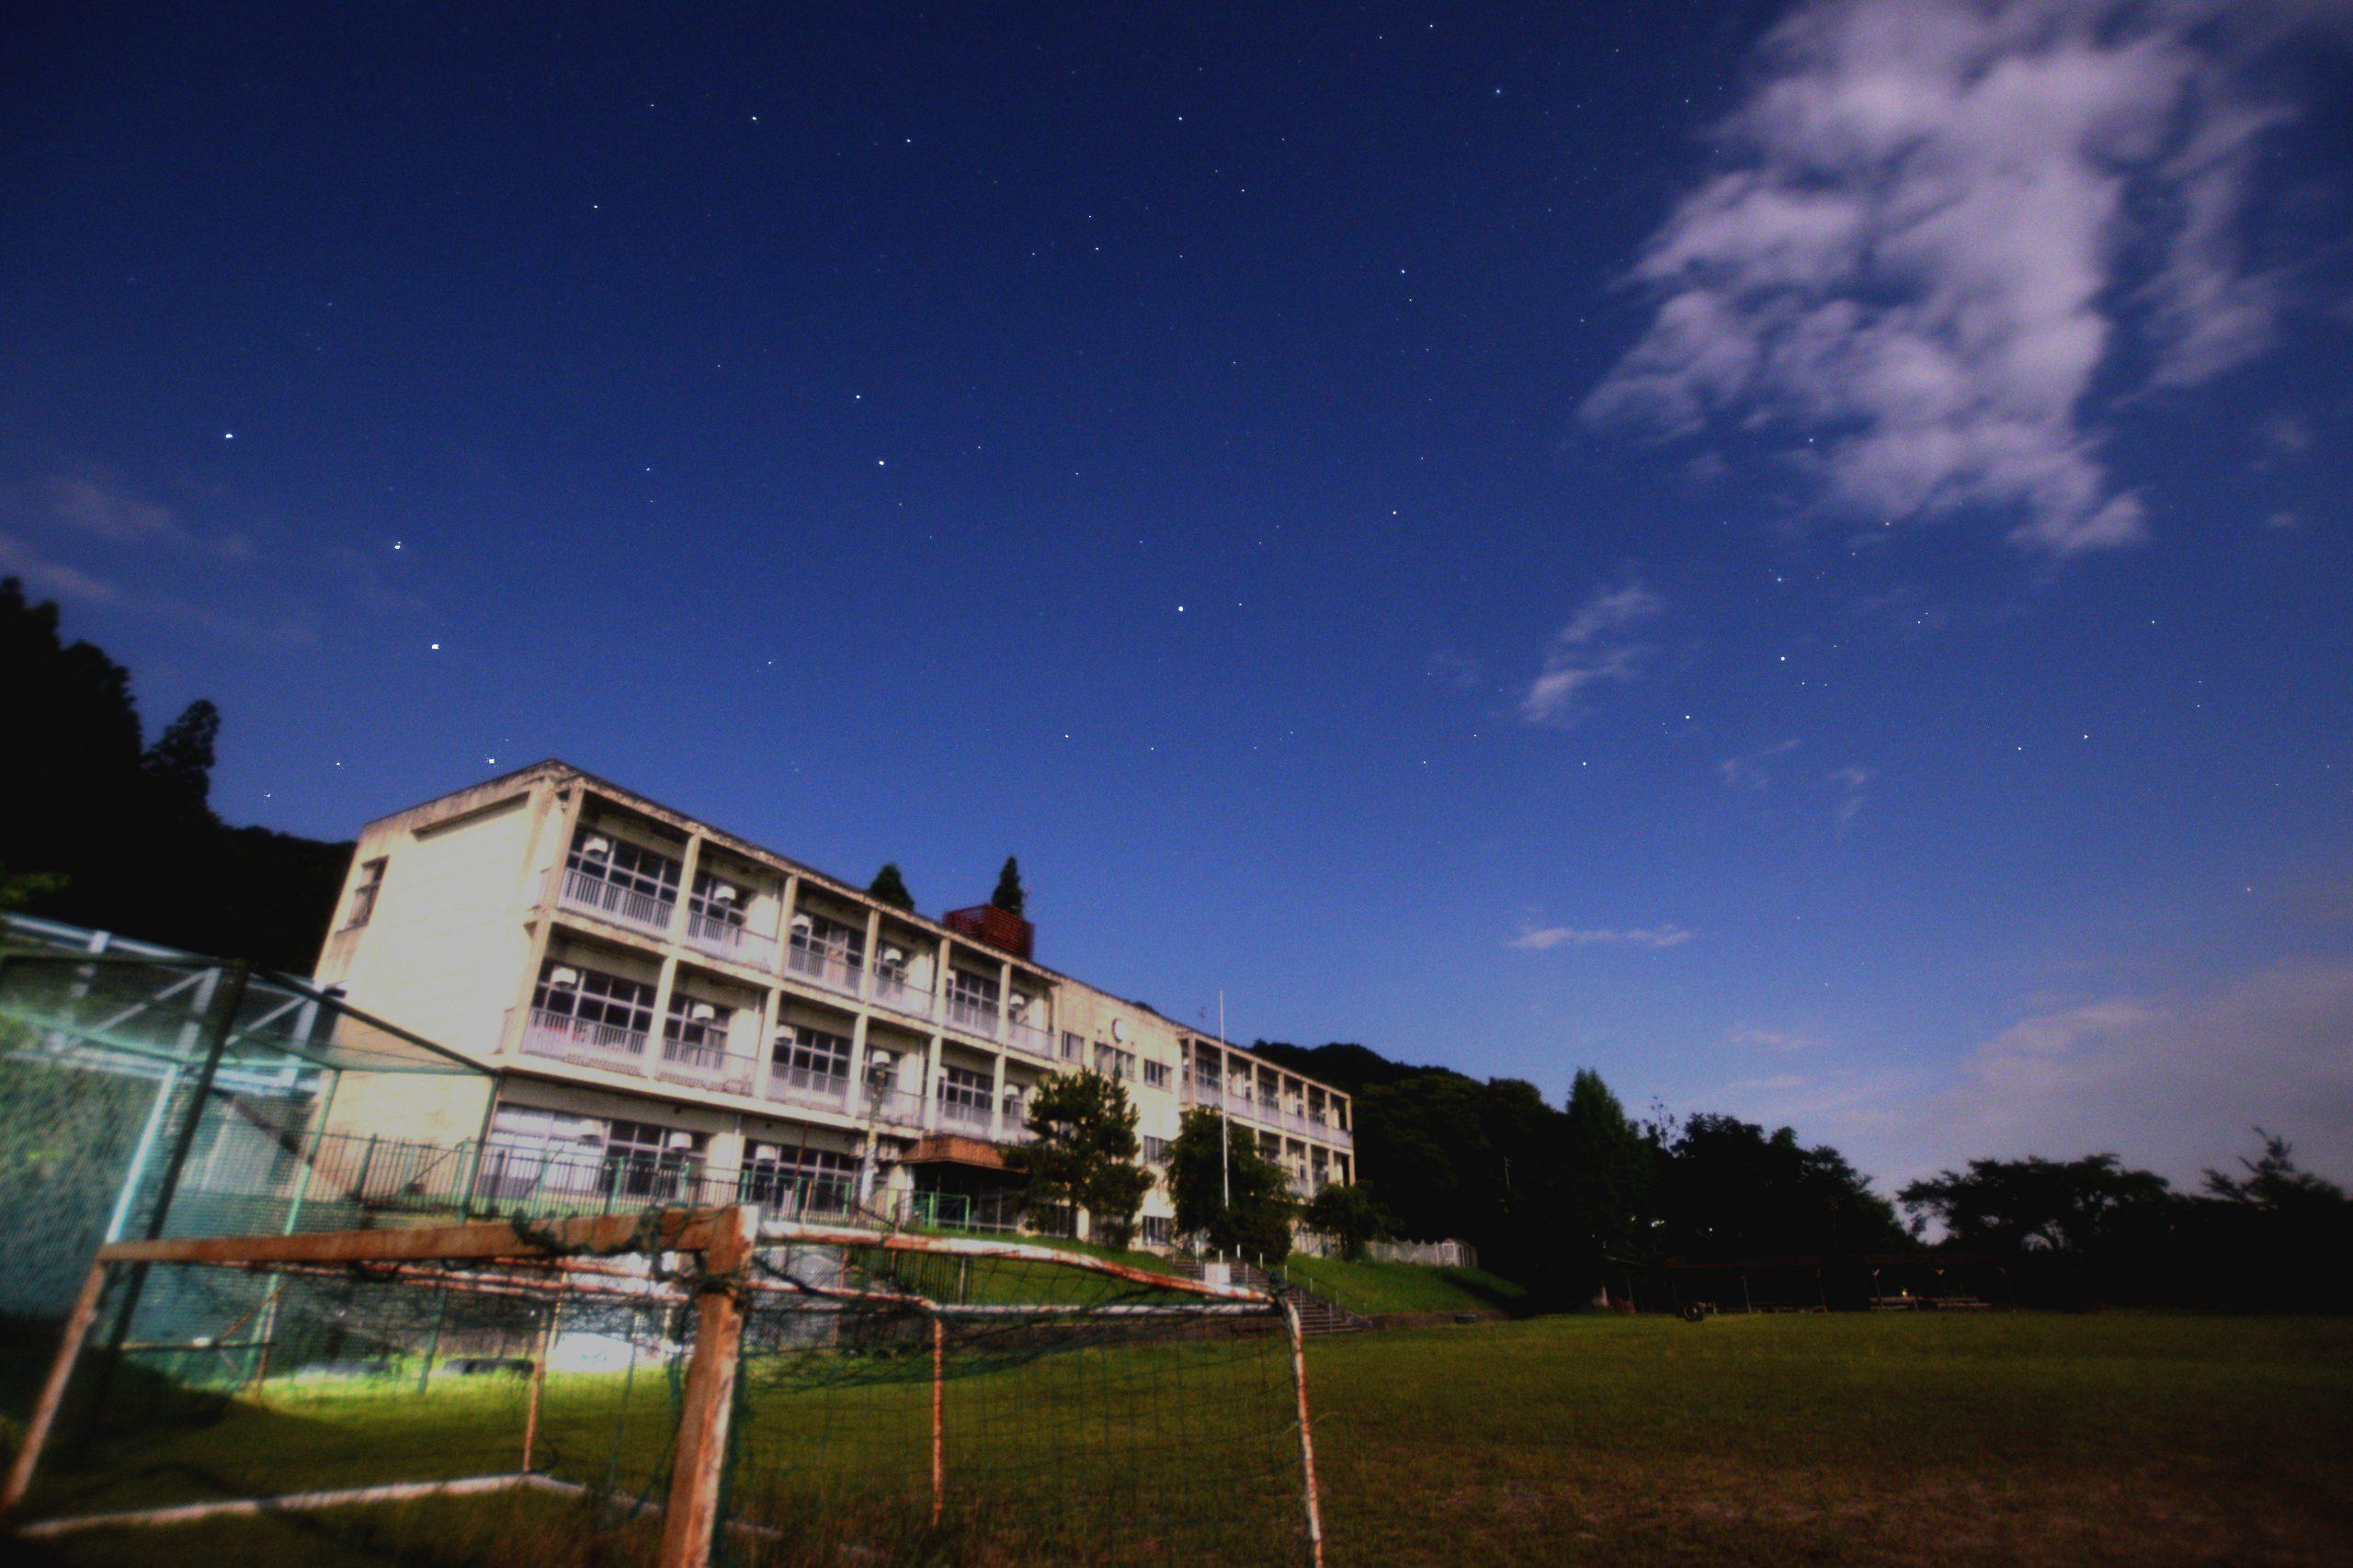 グランドから北の空の北極星と秋の星座を望む